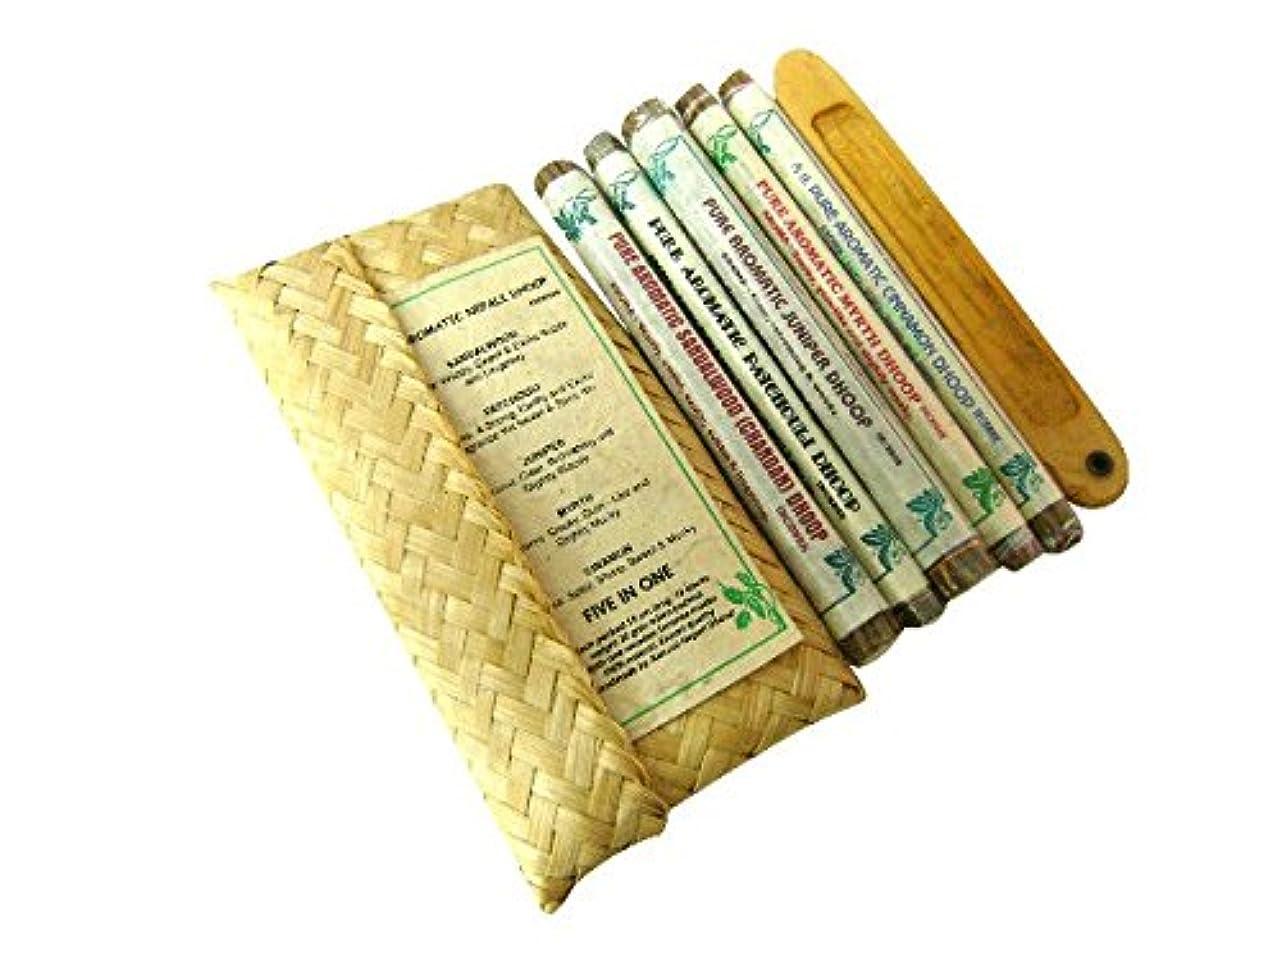 ポータルつまらないうがい薬アロマティックドープ ティックドープ【5 in one gift pack お香たて付】